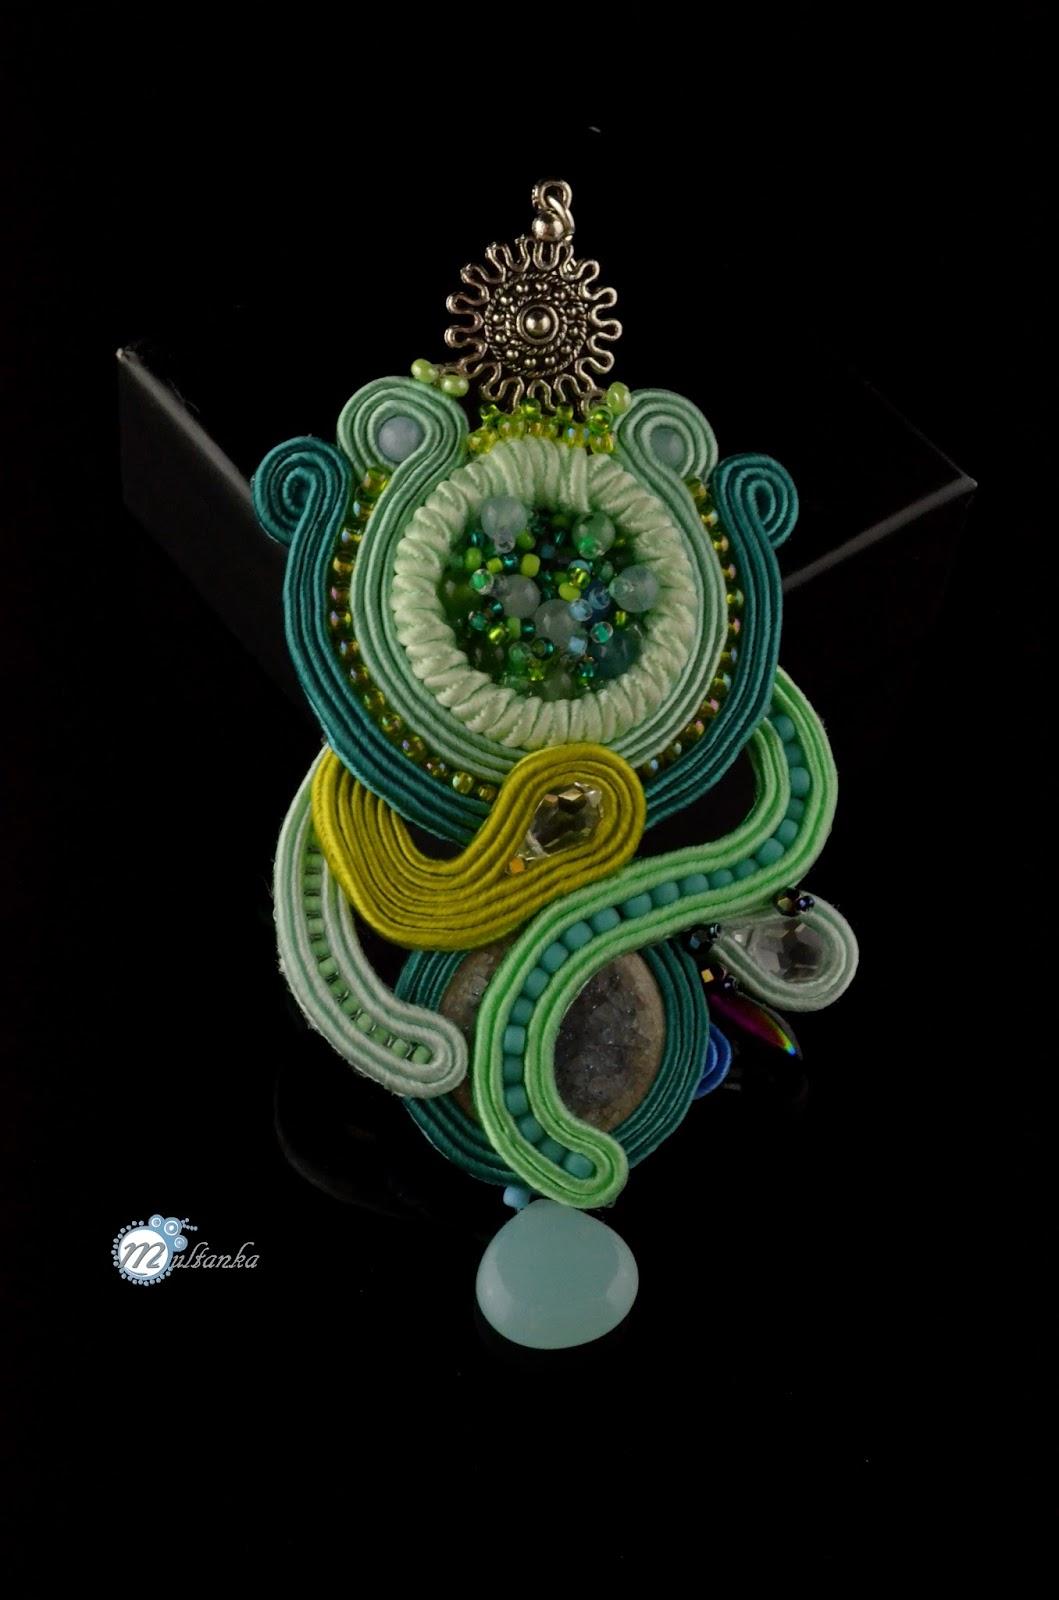 Miętowy wisor wykonany w technice haftu soutache. Wykonanie - multanka